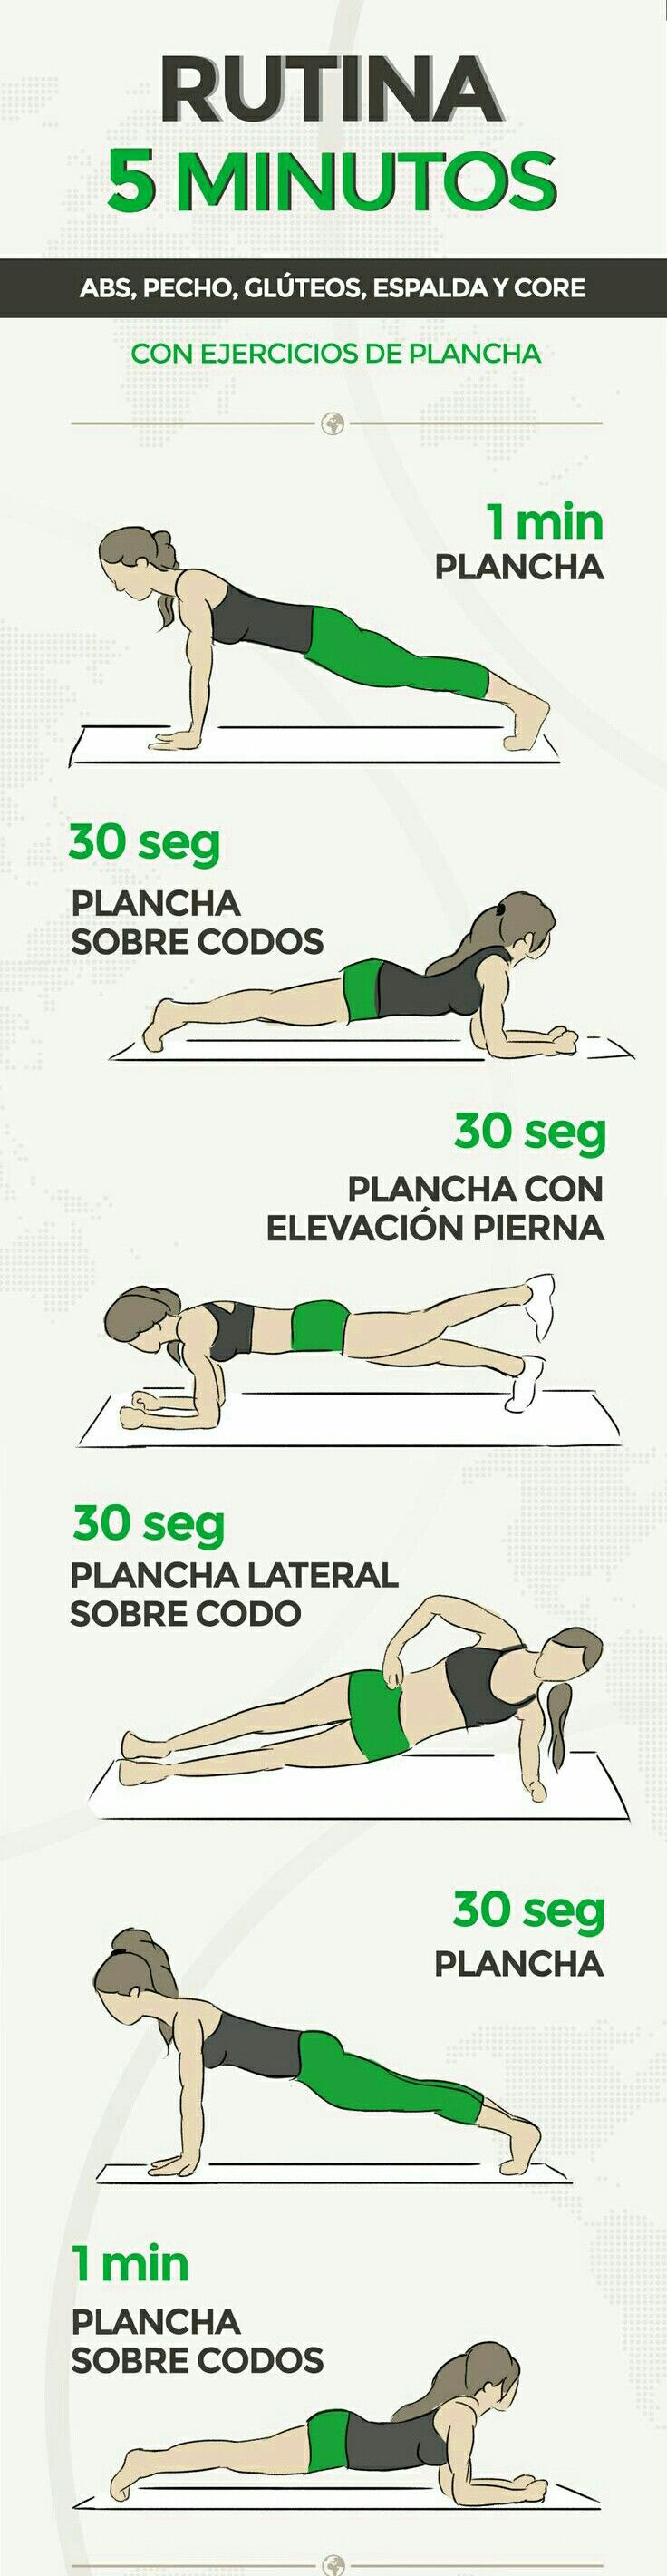 Los ejercicios en casa que transformarán tu cuerpo en un mes. ¡Comienza hoy mismo!